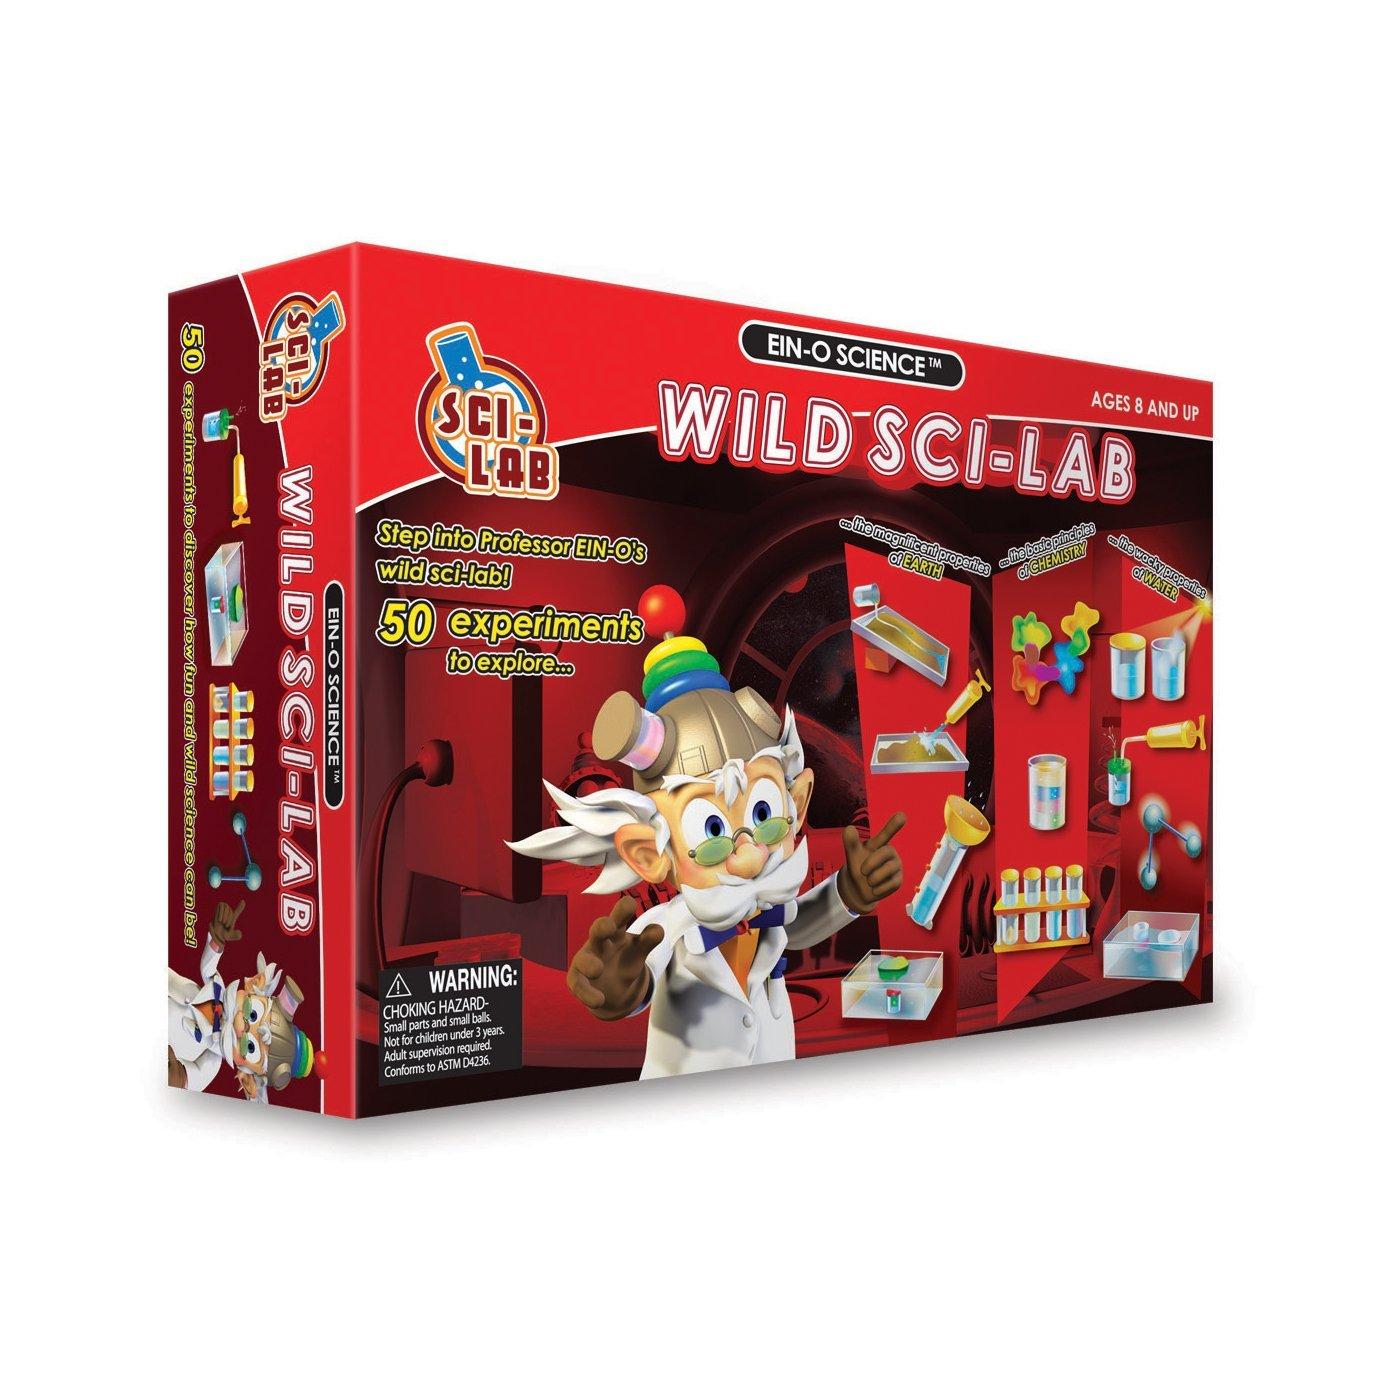 Ein-O Science Wild Sci-Lab